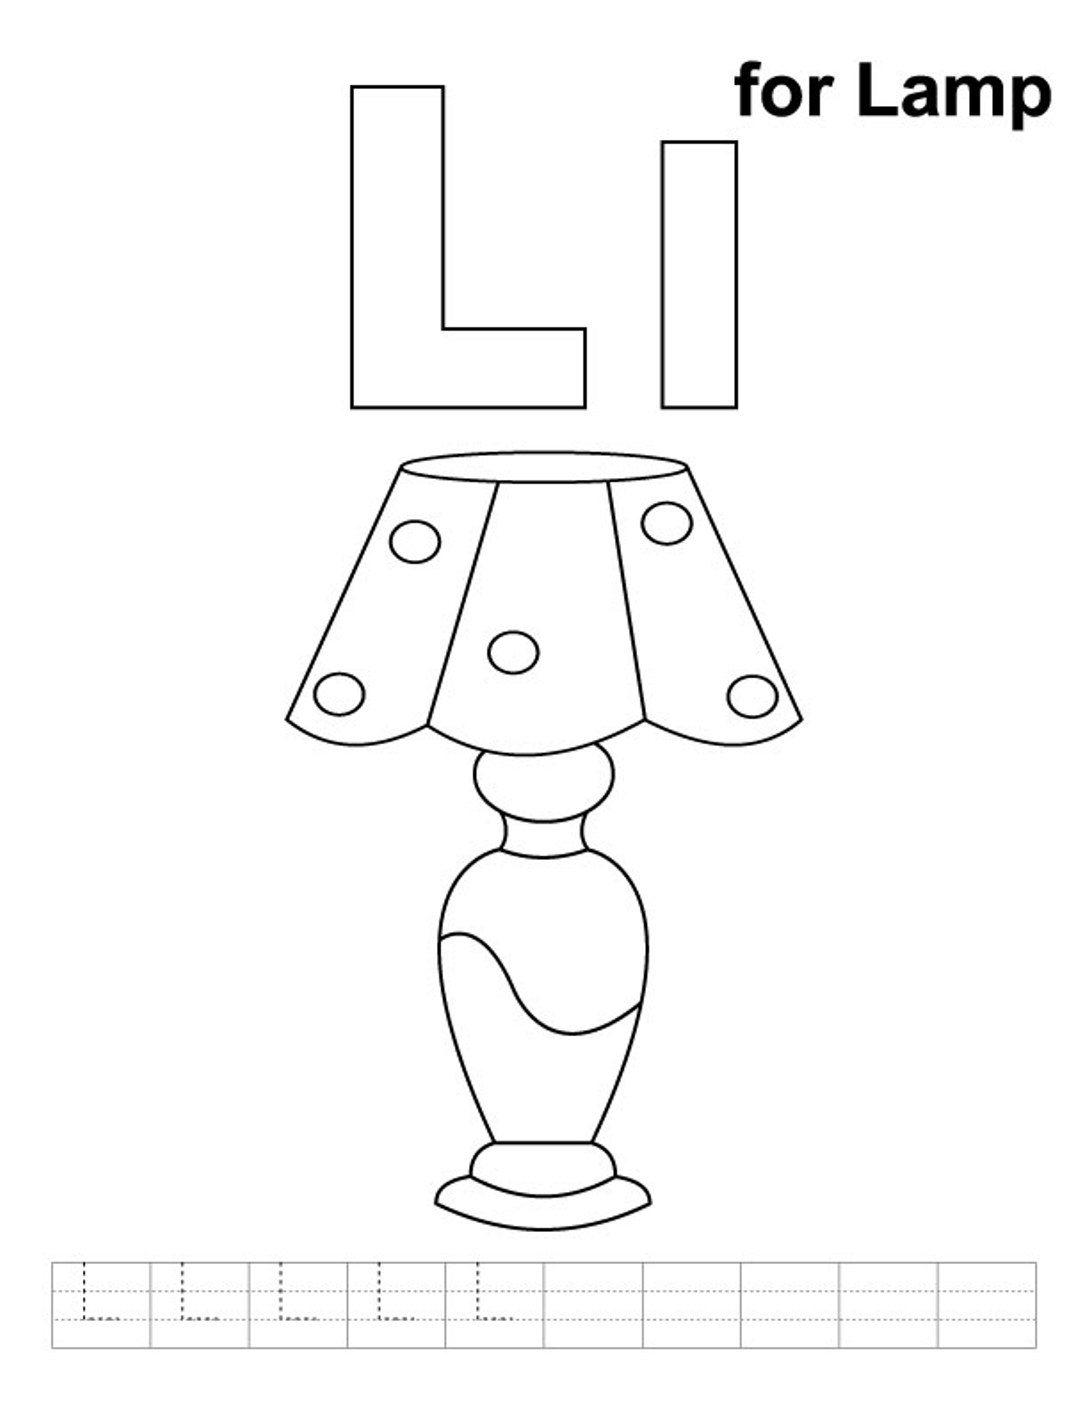 Lamp coloring #6, Download drawings